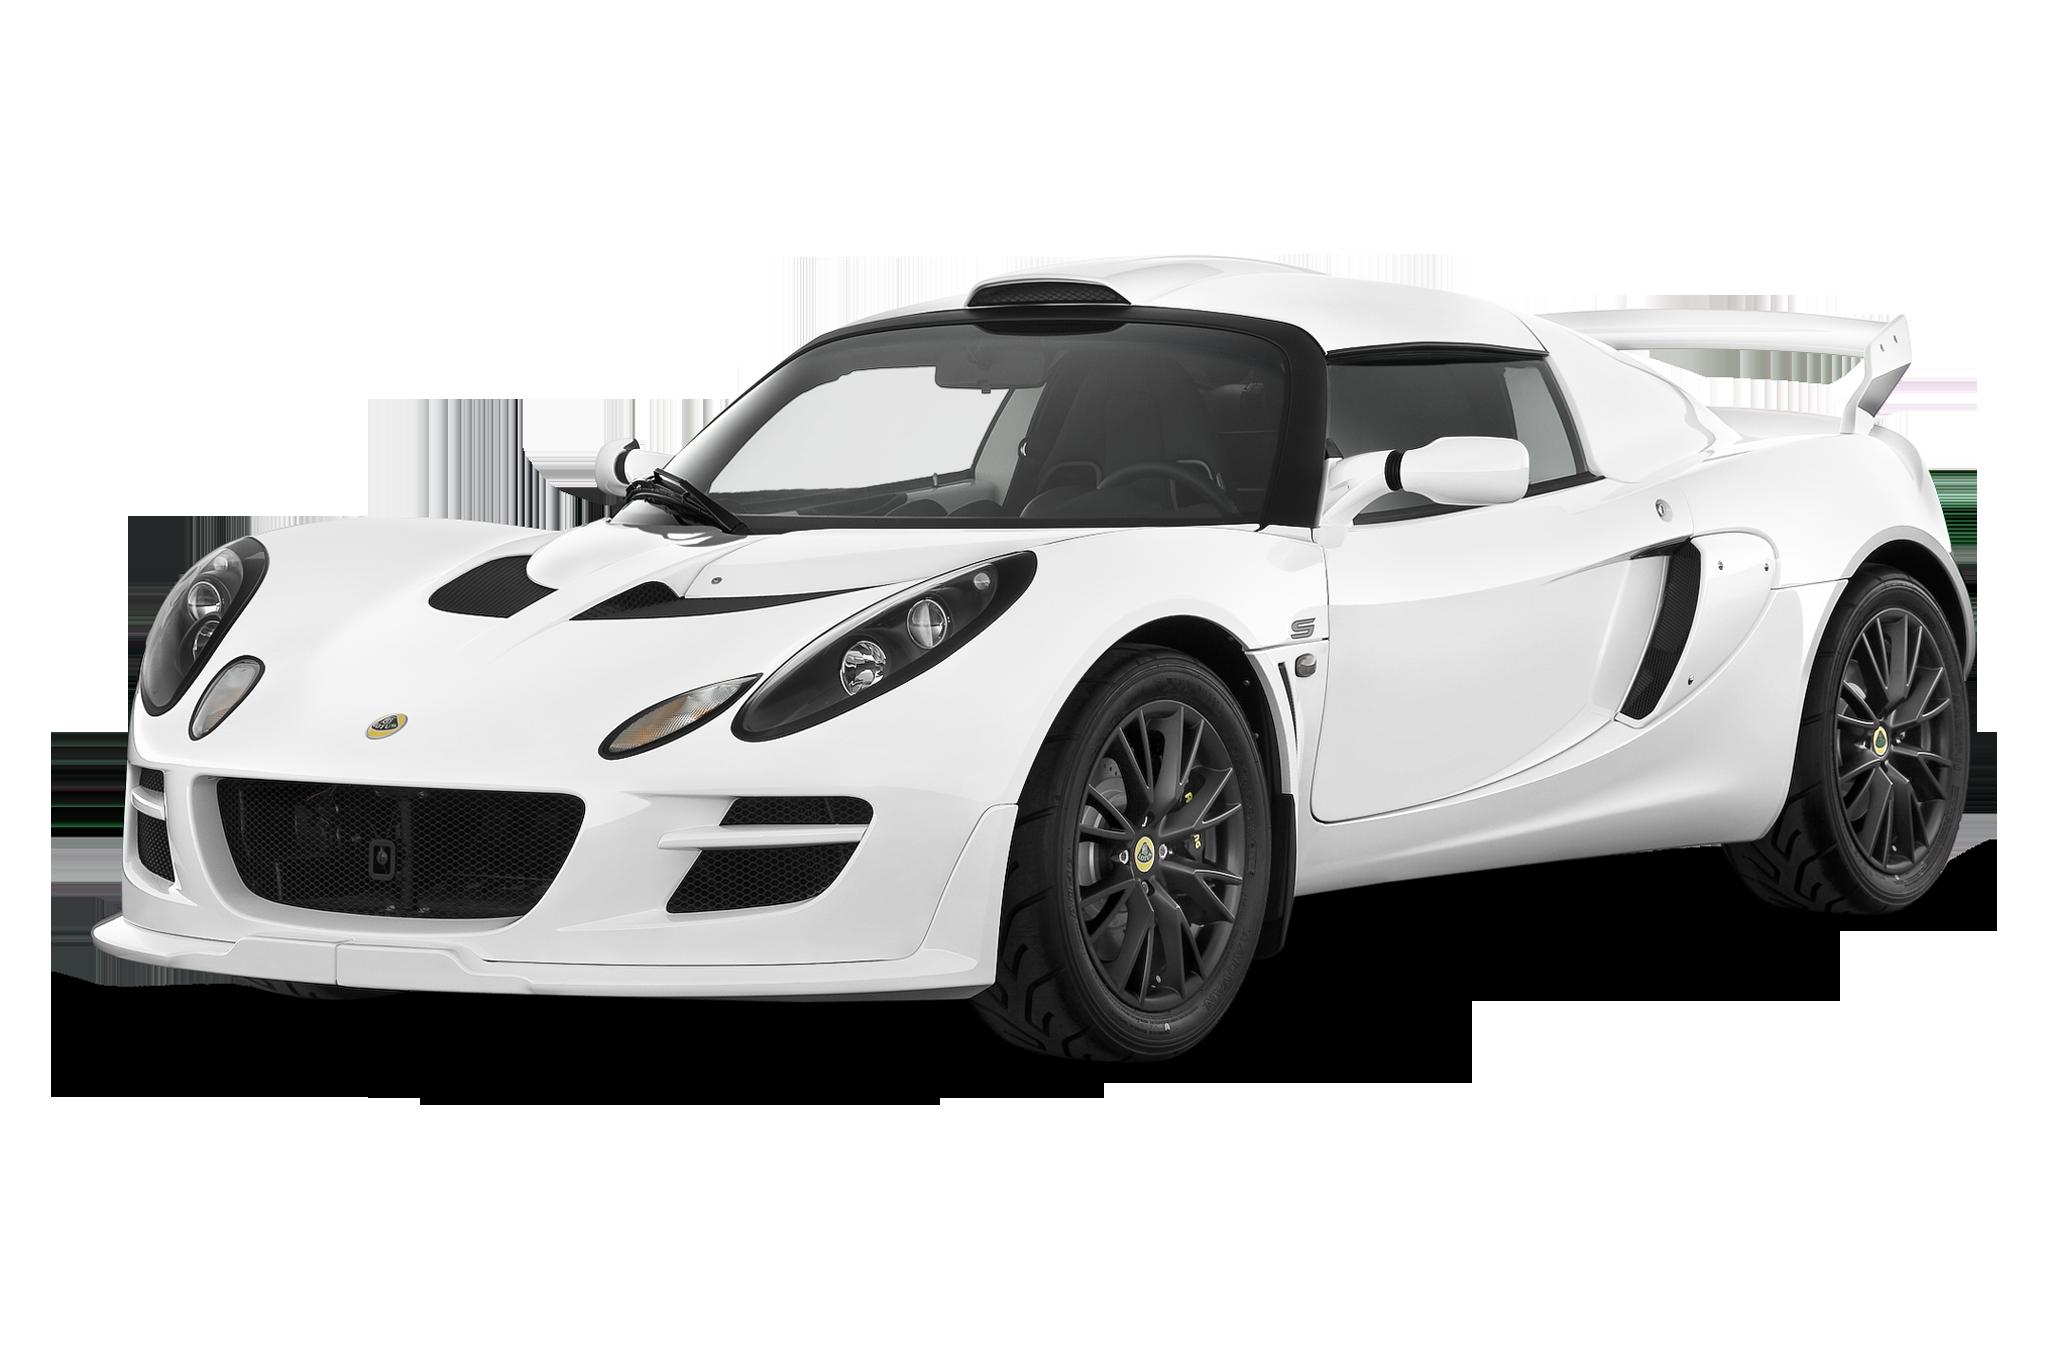 Lotus Exige II 2004 - 2011 Coupe #2